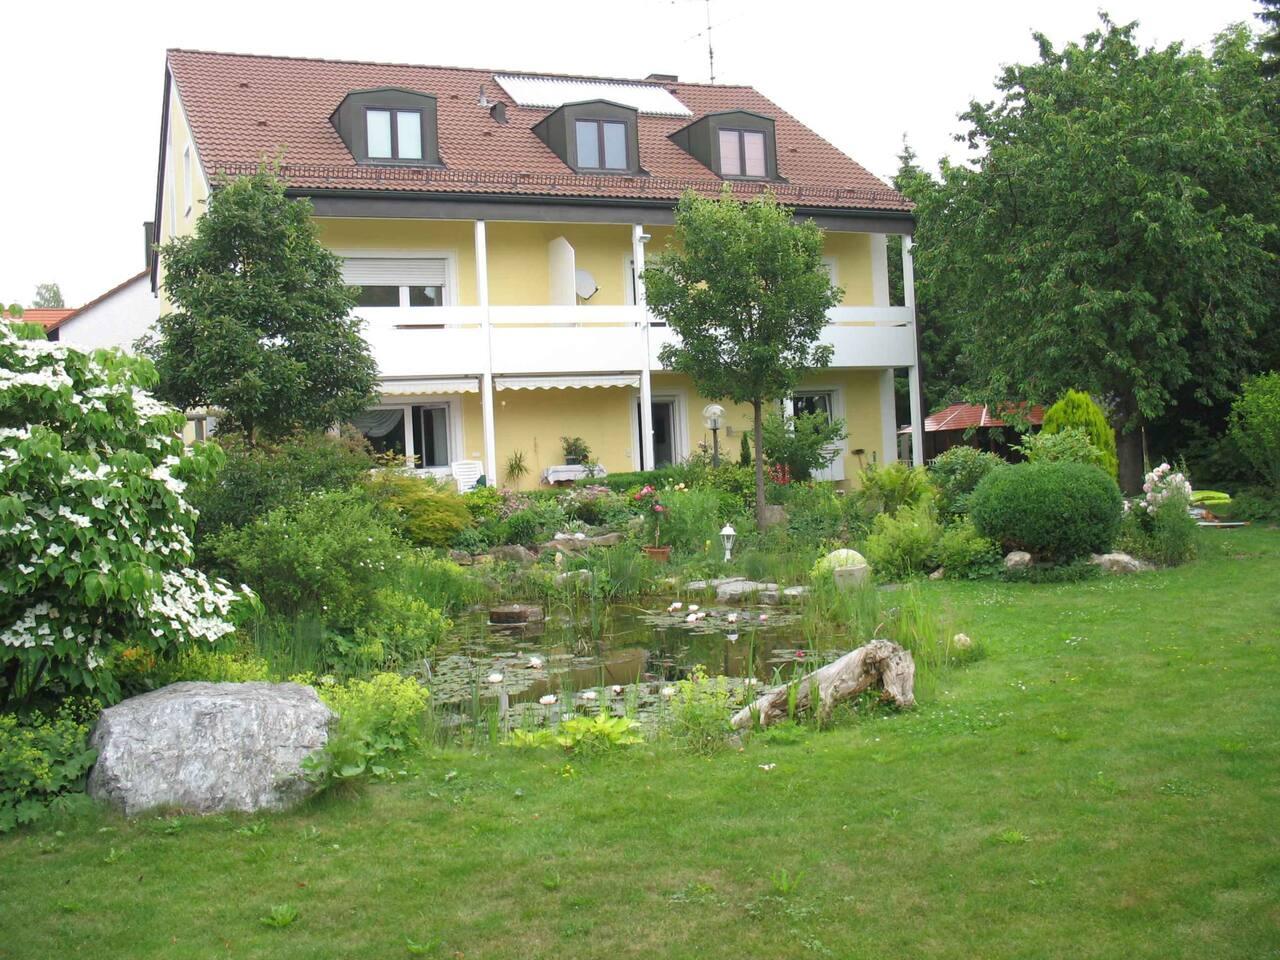 Gesamtansicht Haus und Grundstück